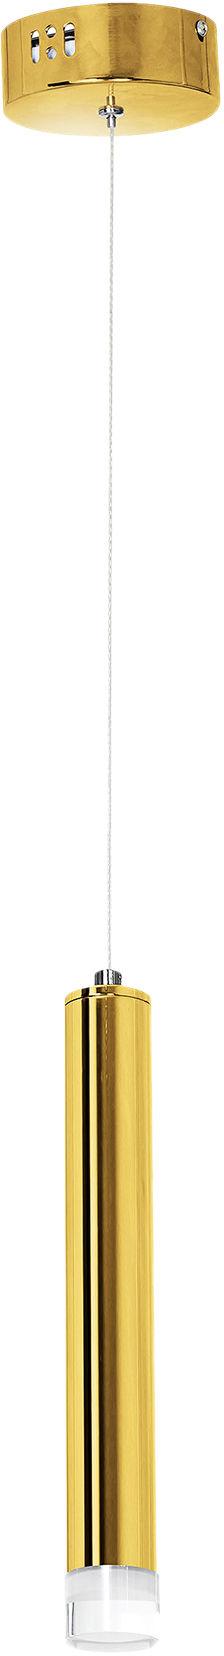 Milagro GOLDIE ML5713 lampa wisząca metalowa złota błyszczące wykończenie klosz podłużny 4000K 5W LED